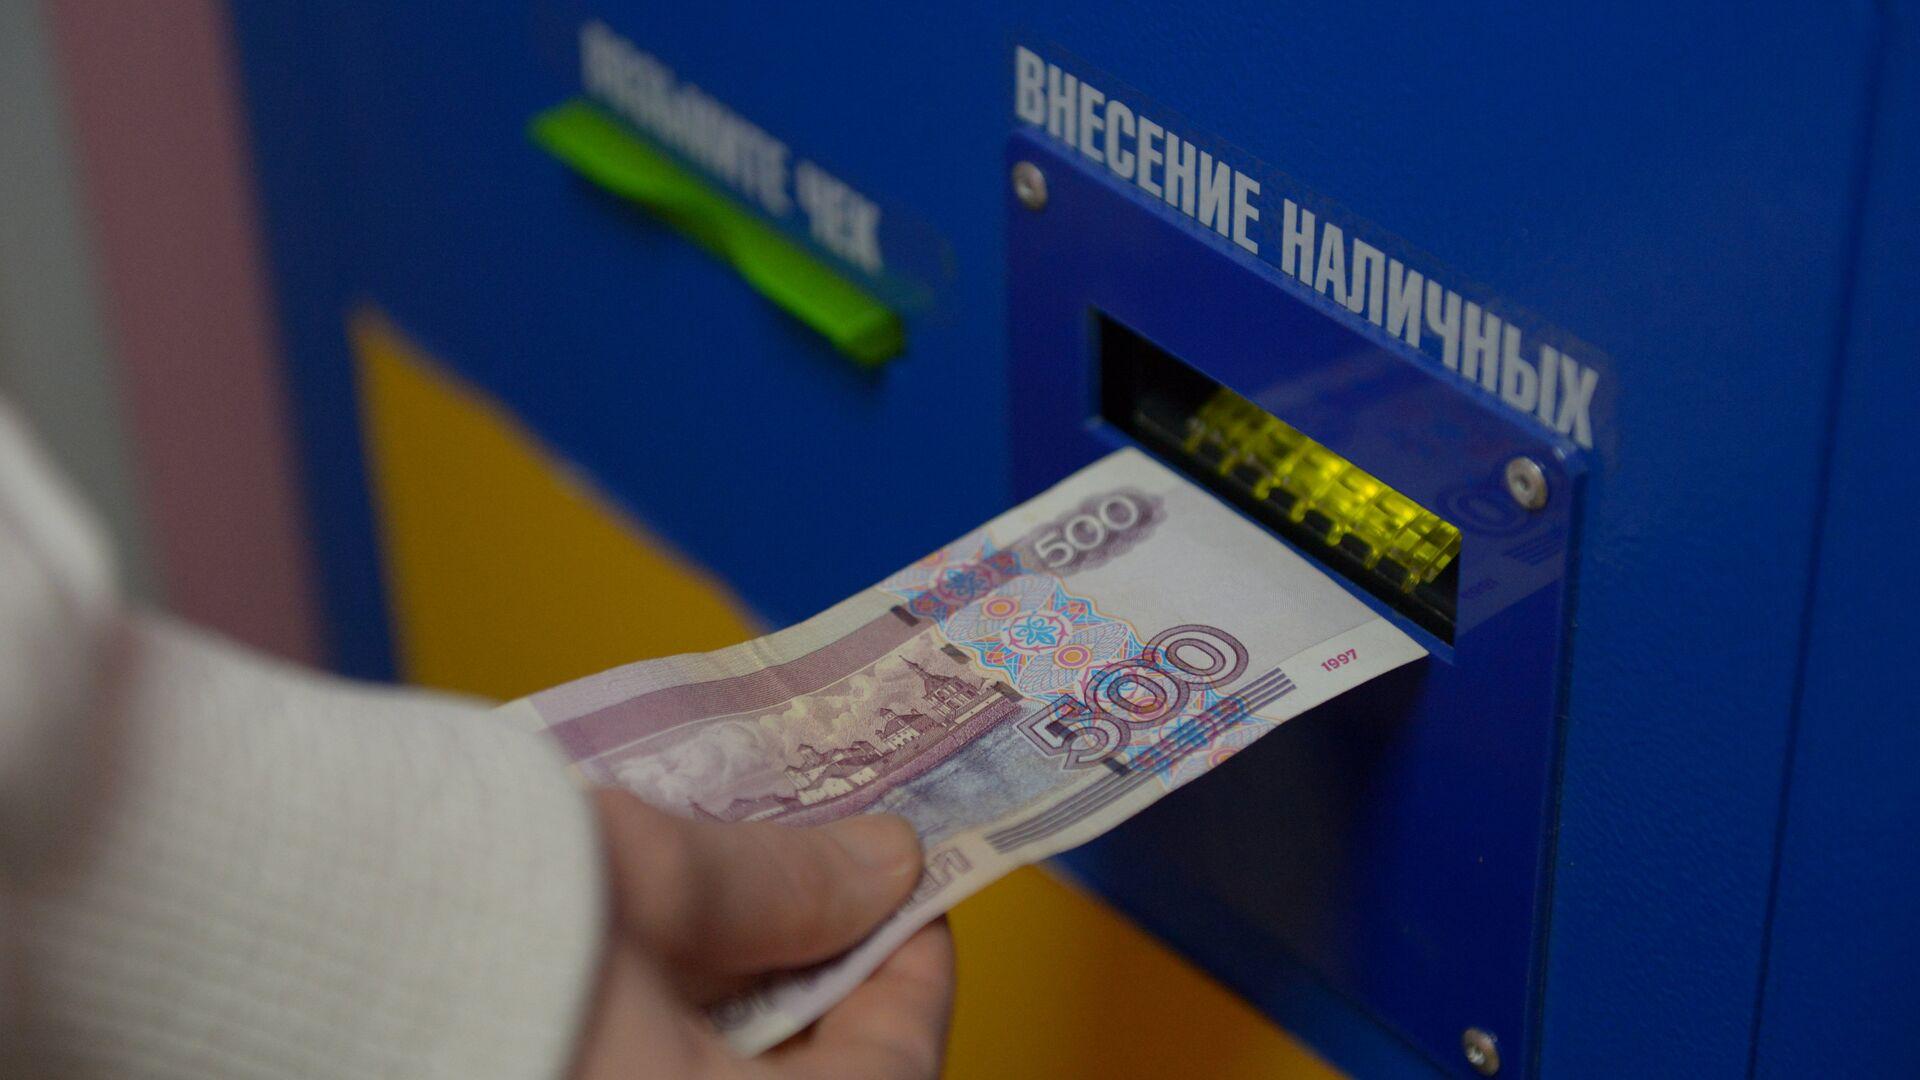 ФНС: россияне будут отчитываться за переводы с иностранных кошельков при превышении суммы в 600 тысяч рублей